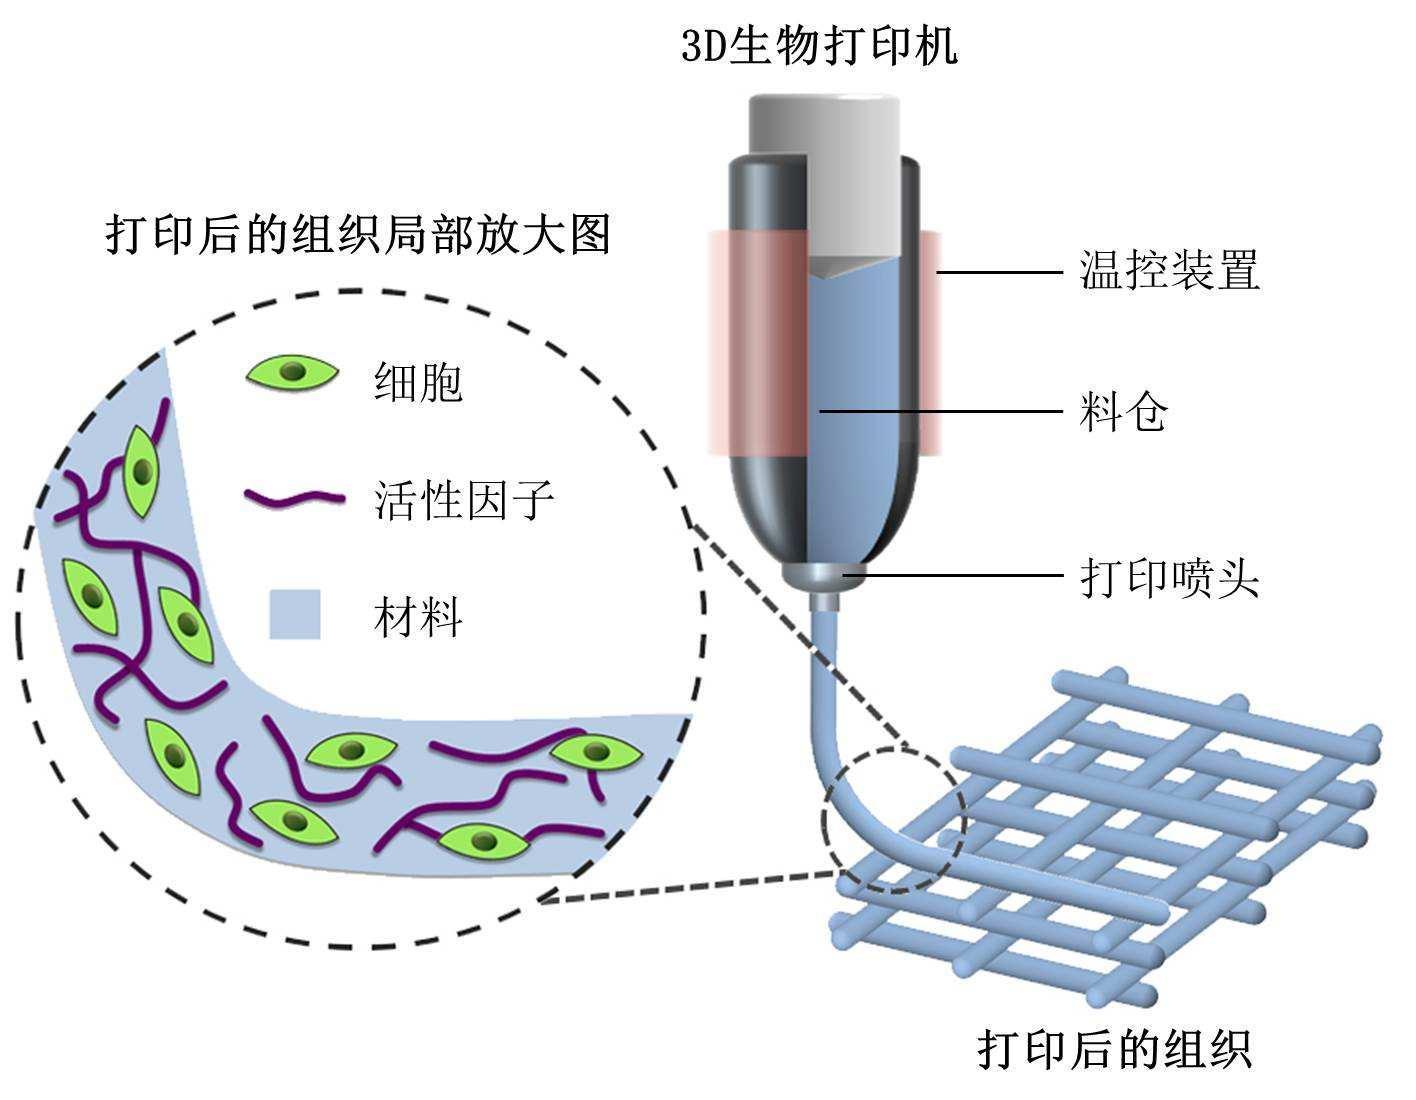 瘦的生物原理_中国科学院上海药物研究所谢欣课题组与中国科学院上海有机化学研究所俞飚课题组合作,发现了减肥植物蝴蝶亚仙人掌的有效成分及减肥机